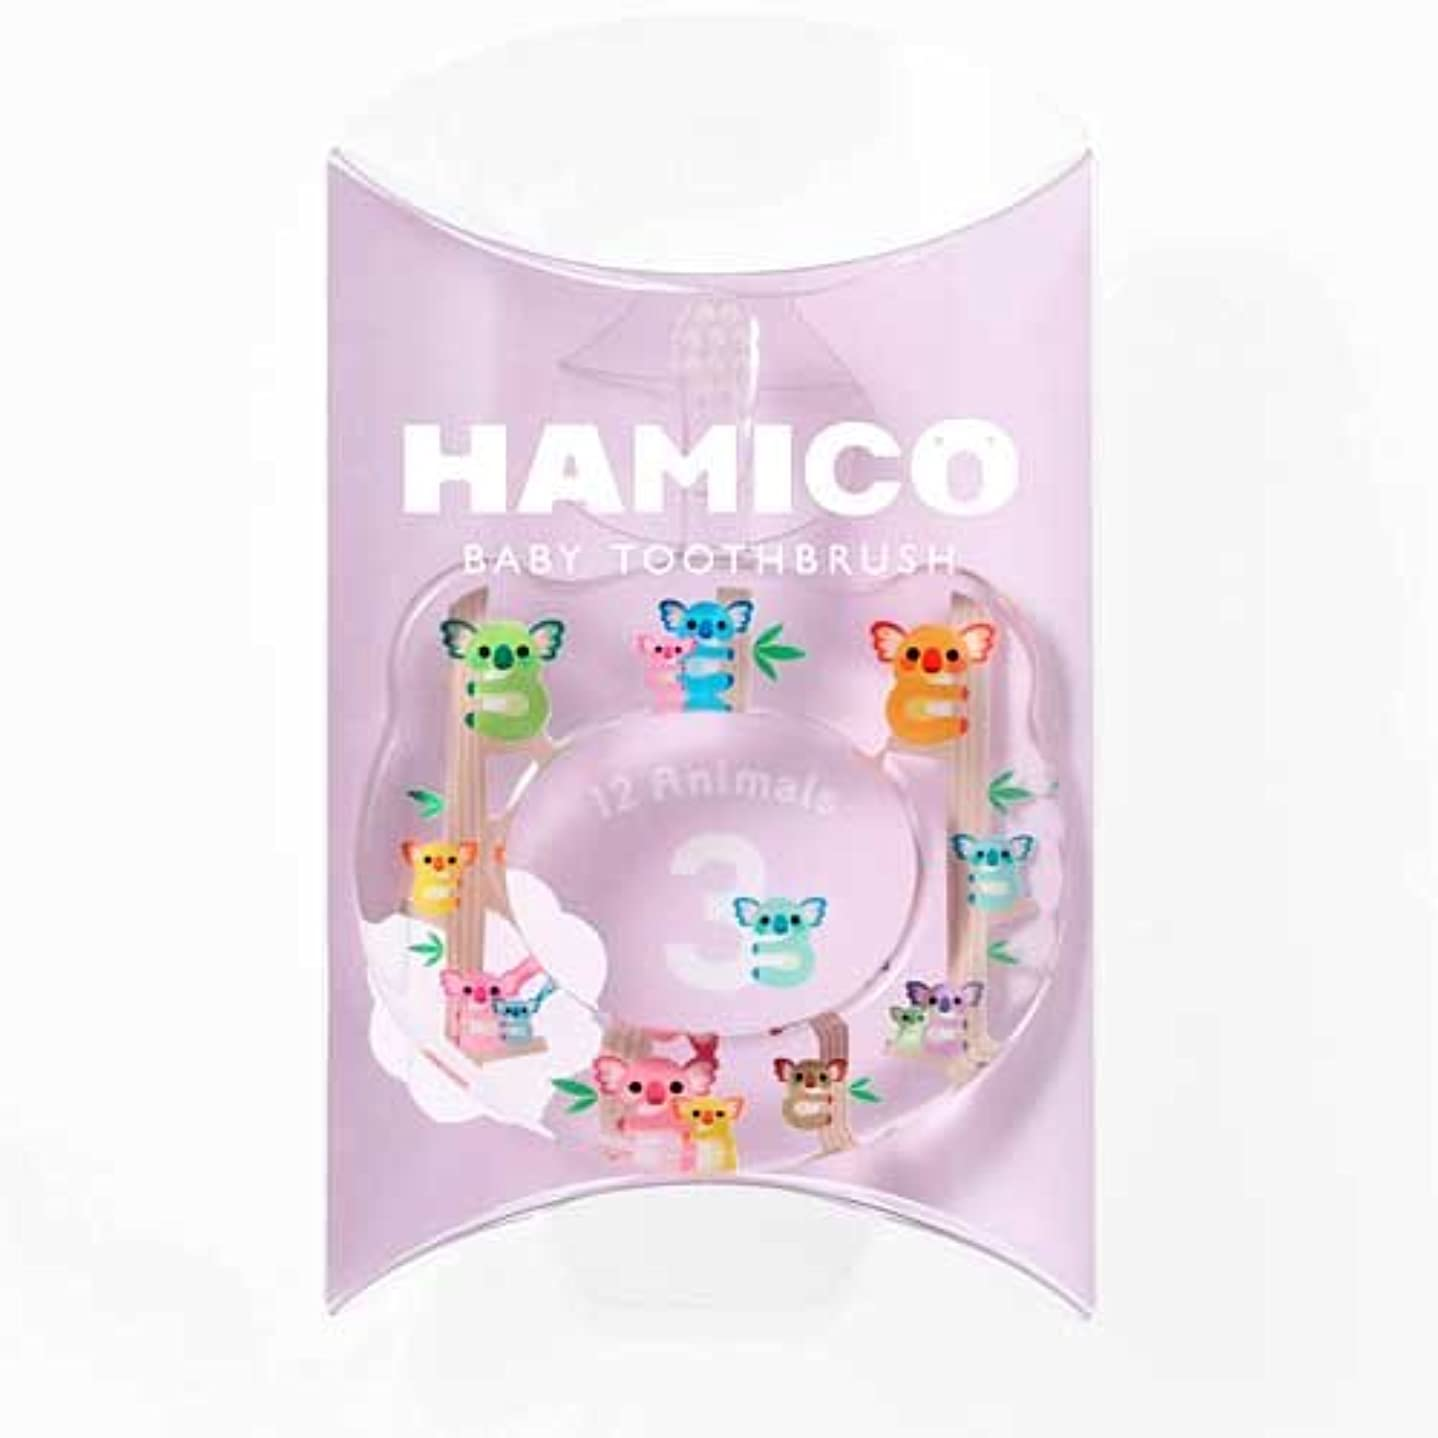 細い弾丸大学院HAMICO(ハミコ) ベビー歯ブラシ 「12 Animals(12アニマルズ)」シリーズ コアラ (03)